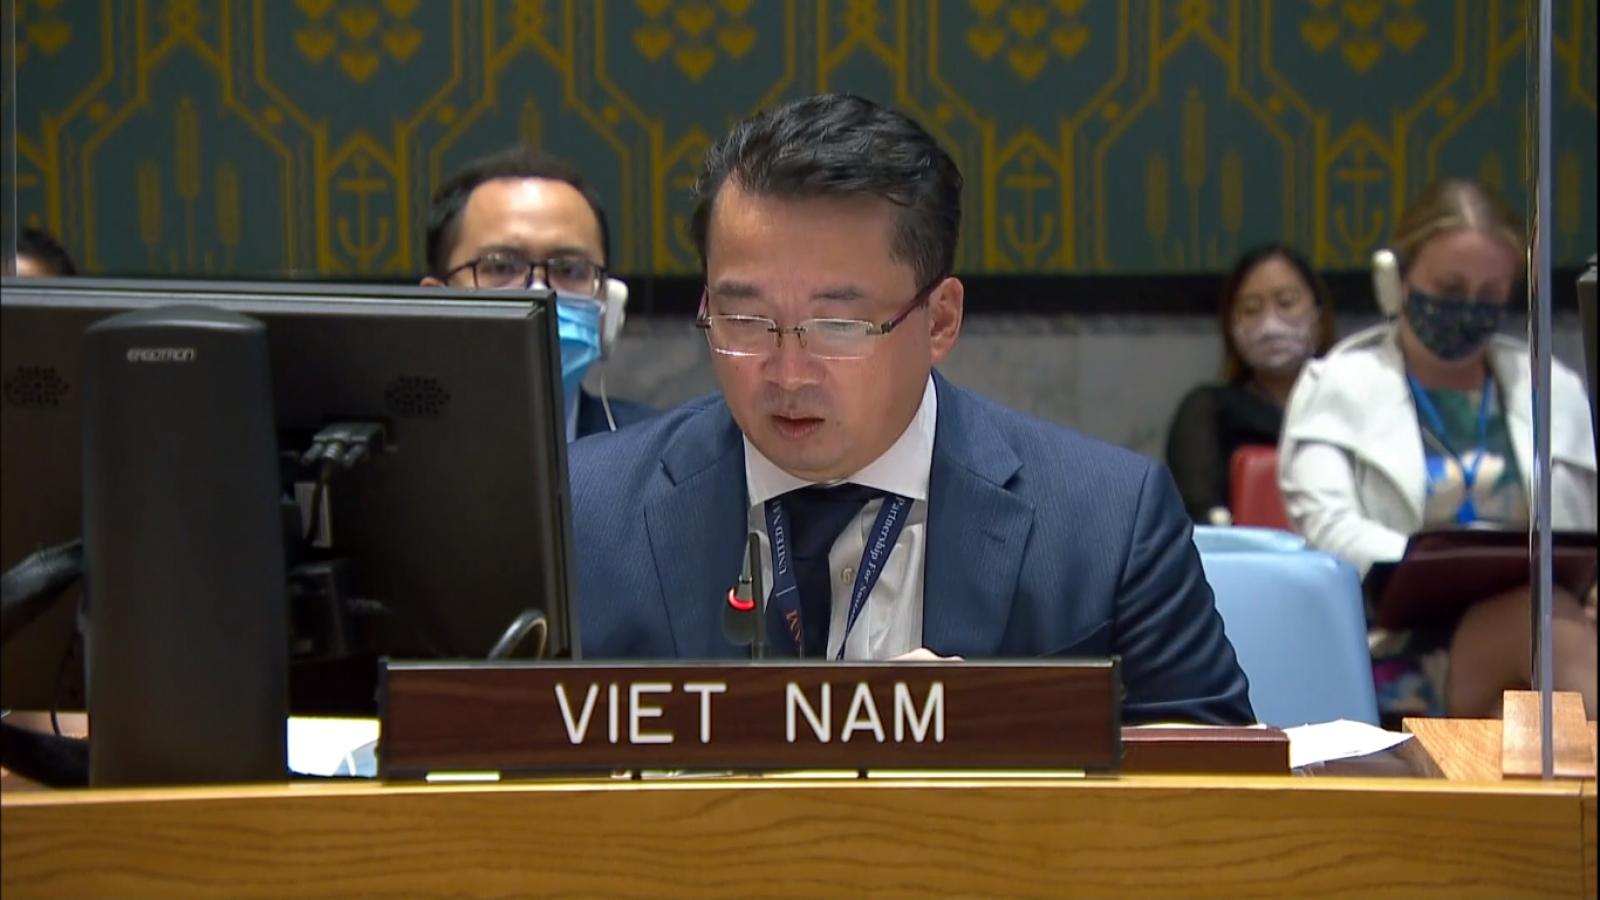 Việt Nam kêu gọi cộng đồng quốc tế tiếp tục hỗ trợ nhân đạo cho Sudan